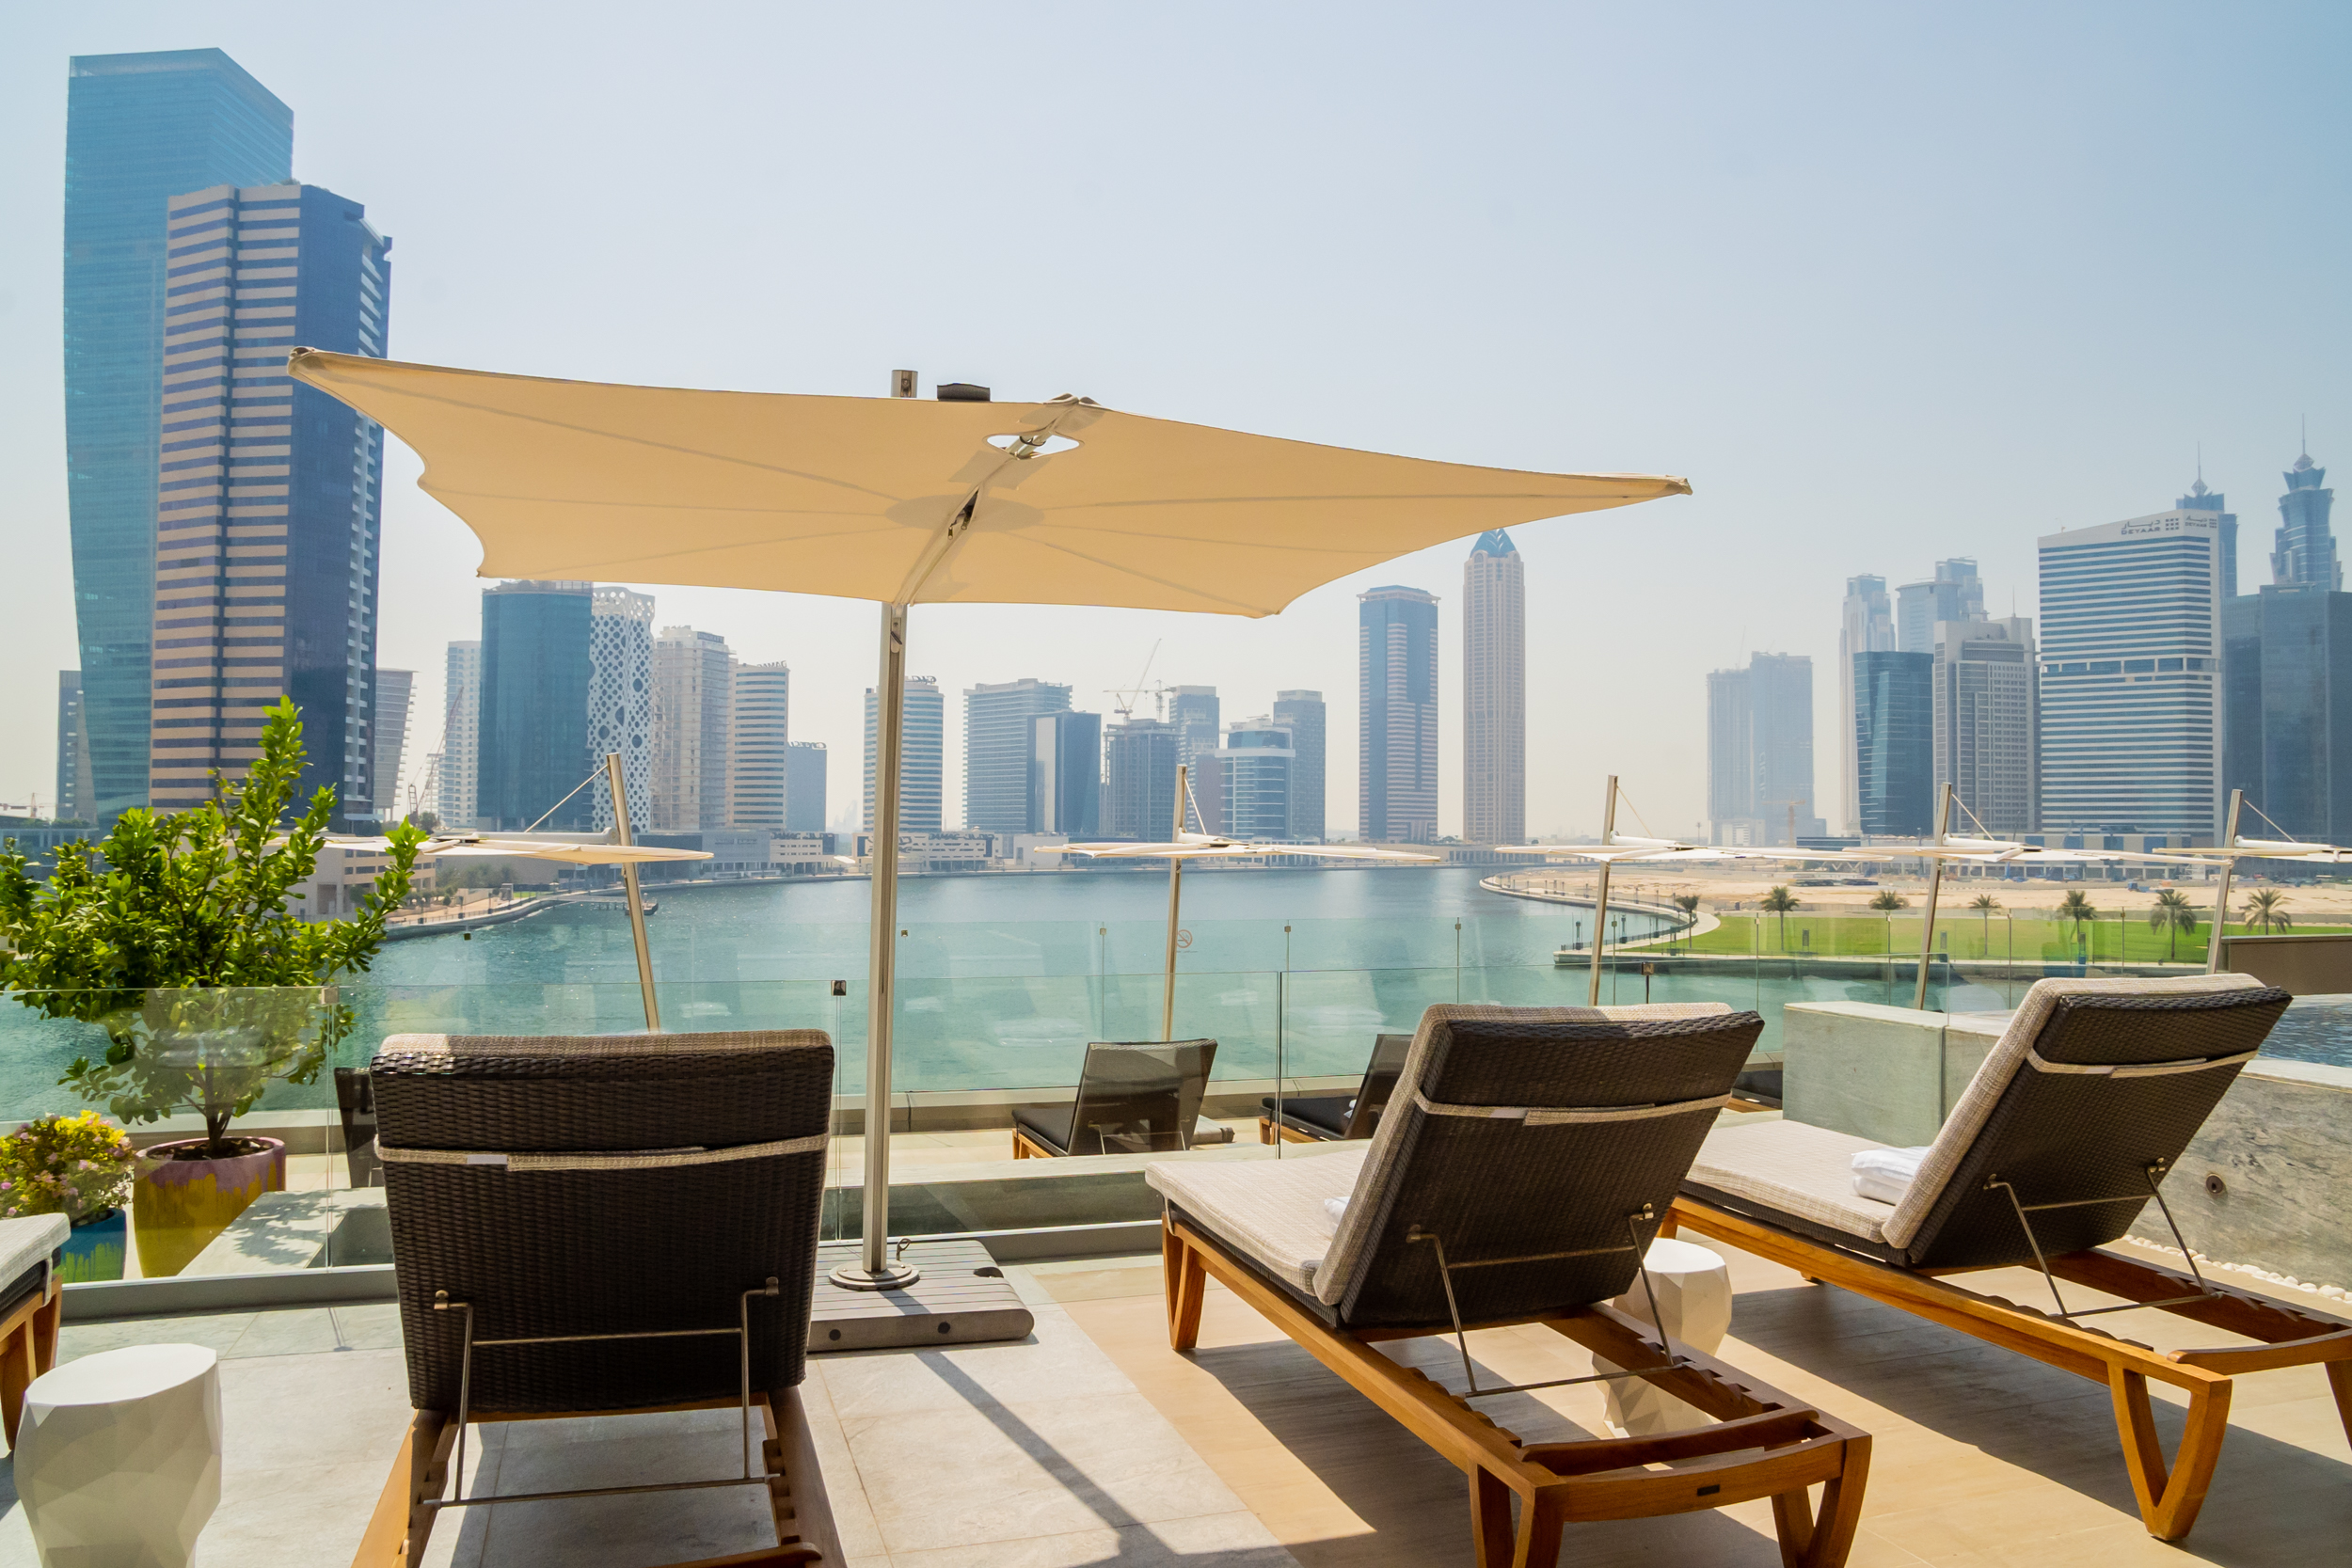 The St. Regis Downtown Dubai NS 6